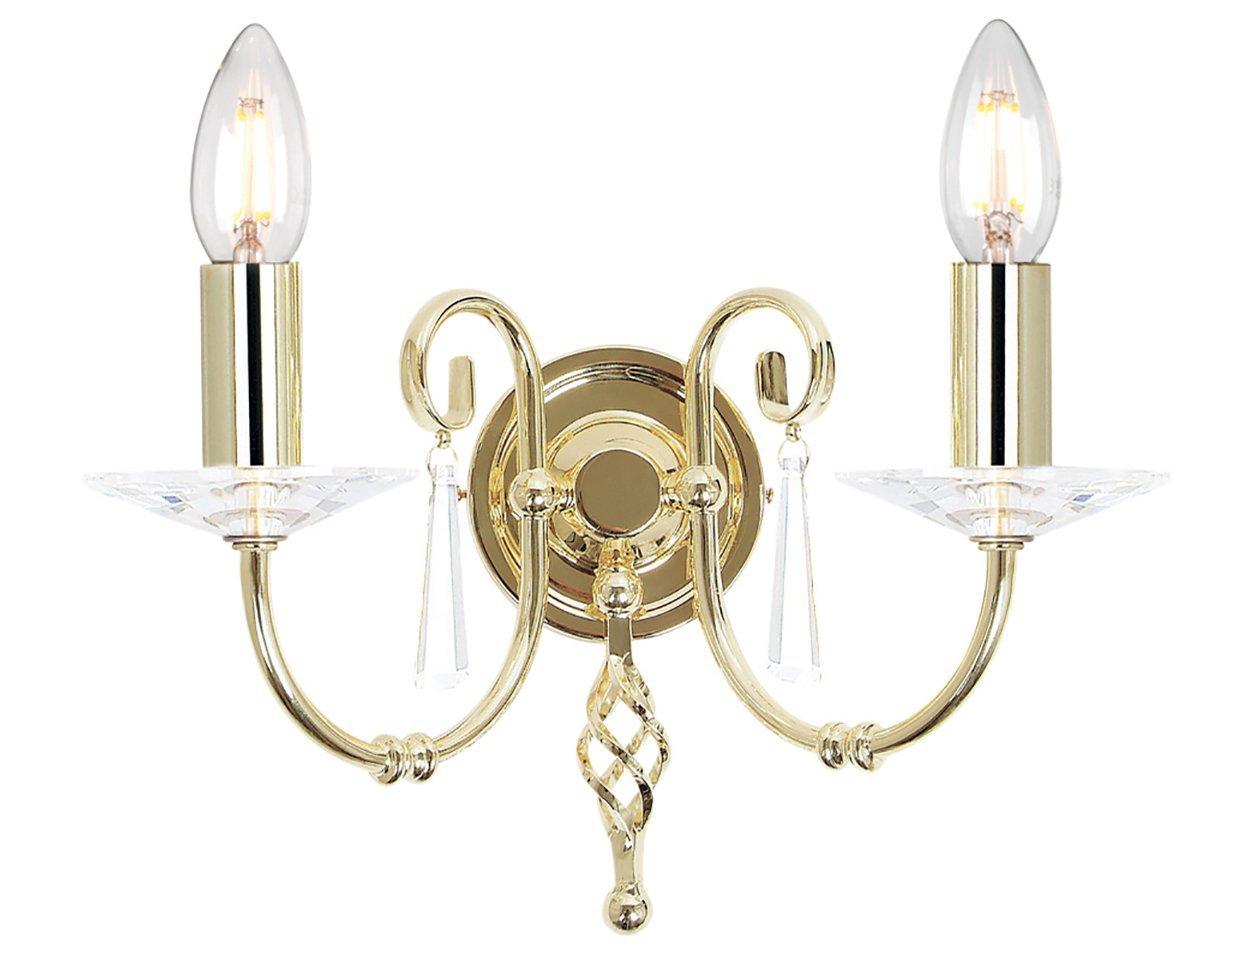 Kinkiet lampa ścienna dwuramienna klasyczna polerowany mosiądz